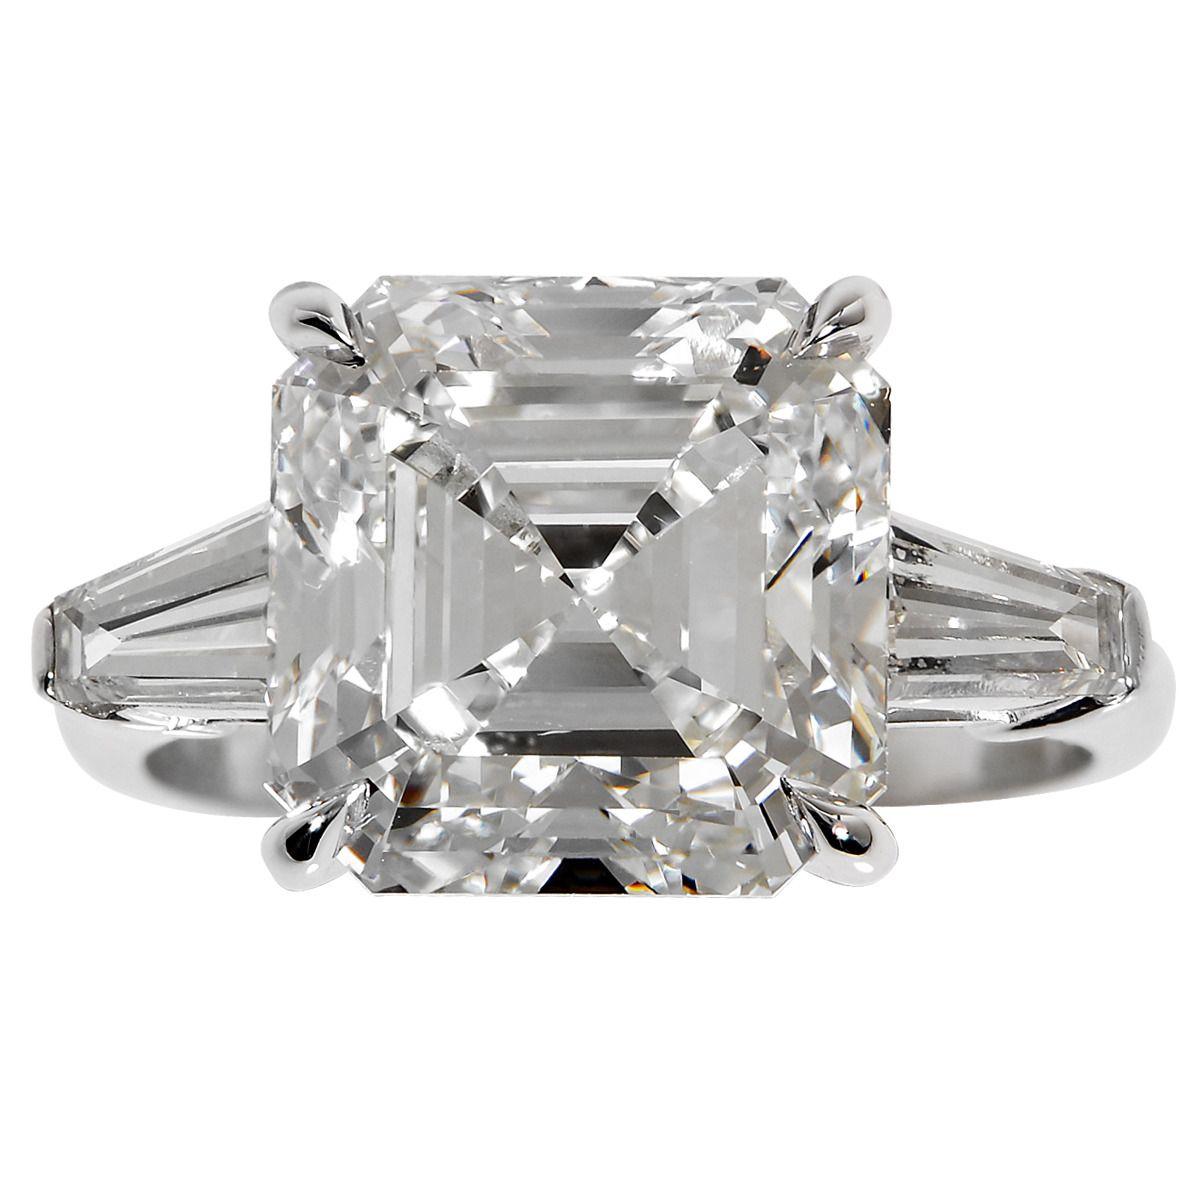 715 Carat Gia Cert Square Emerald Cut Diamond Ring